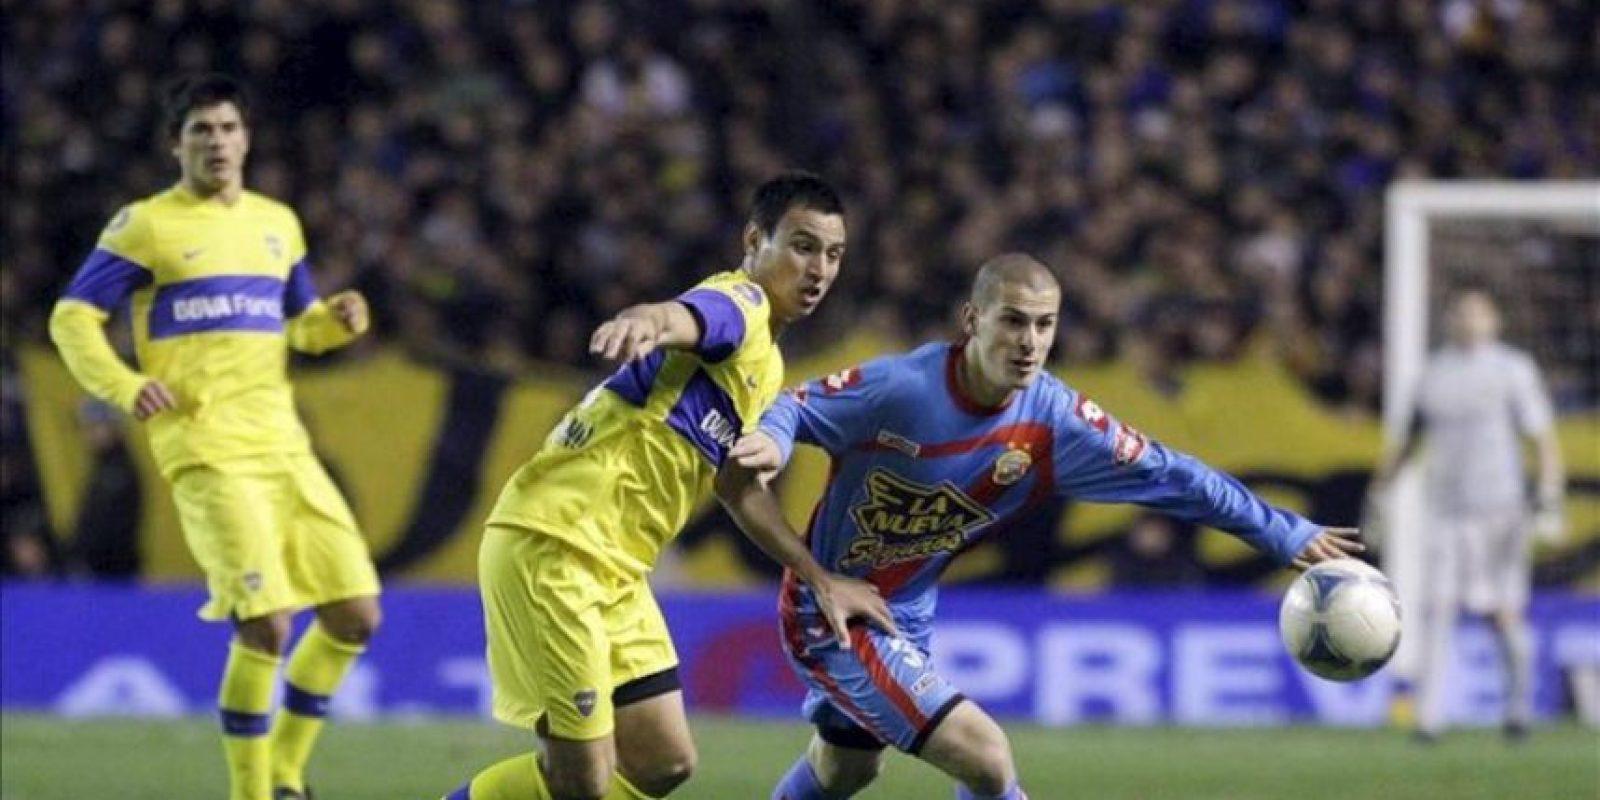 El jugador de Boca Juan Sánchez Miño (i) lucha por el balón con Nicolás Martínez Vargas de Arsenal (d) este 17 de junio en un partido del torneo Clausura argentino, en el estadio La Bombonera de Buenos Aires (Argentina). Arsenal ganó 0-3. EFE